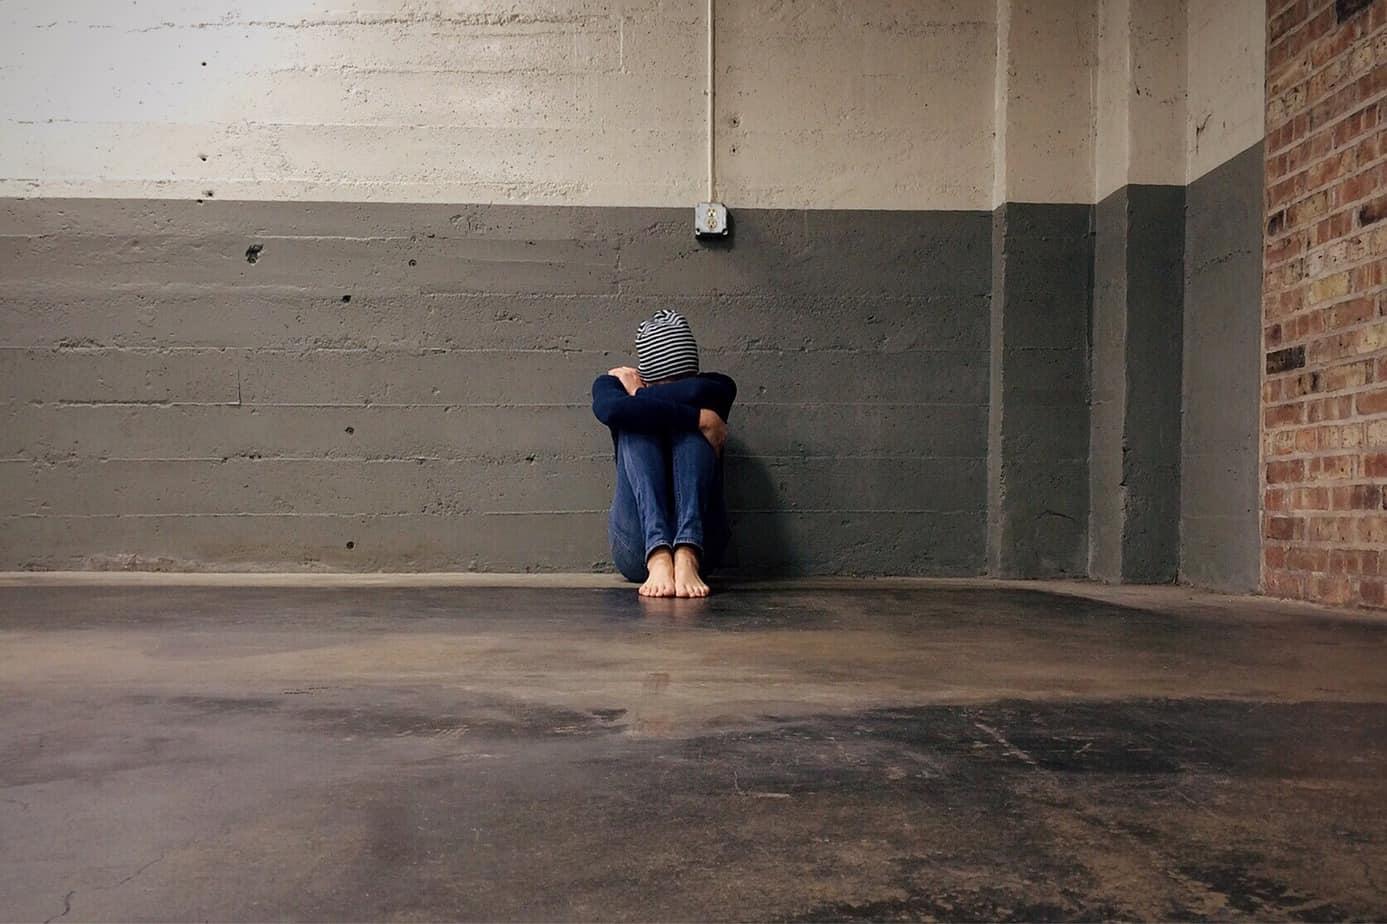 Capacitan a profesores de Los Ángeles: suicidio es la 2ª causa de muerte en jóvenes chilenos